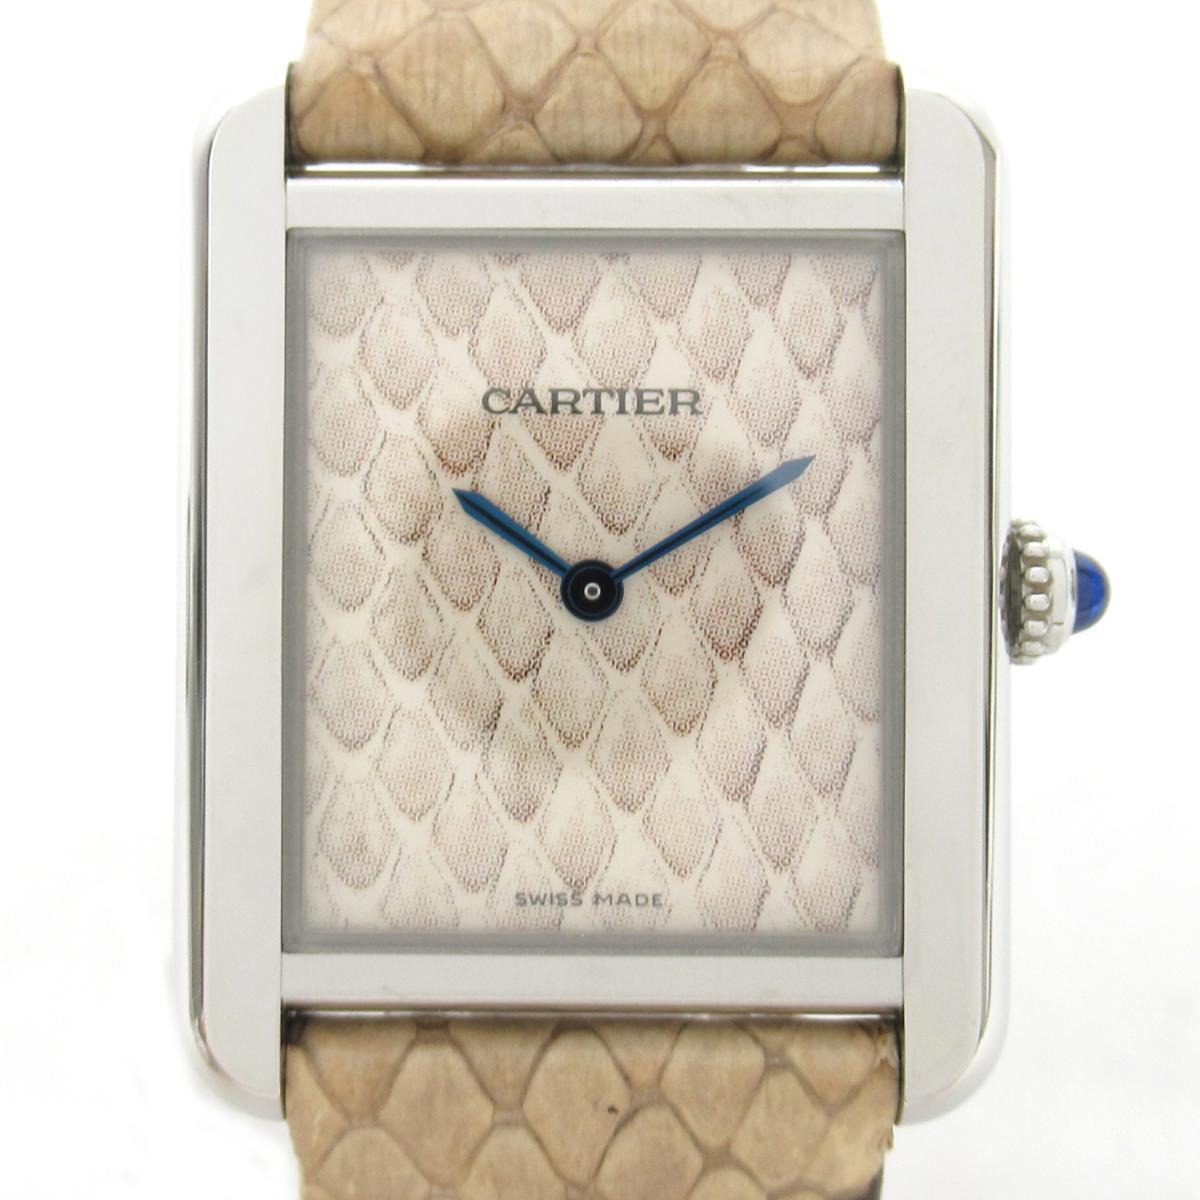 【中古】 カルティエ タンク・ソロSM ウォッチ 腕時計 レディース ステンレススチール (SS) レザーベルト | Cartier BRANDOFF ブランドオフ ブランド ブランド時計 ブランド腕時計 時計